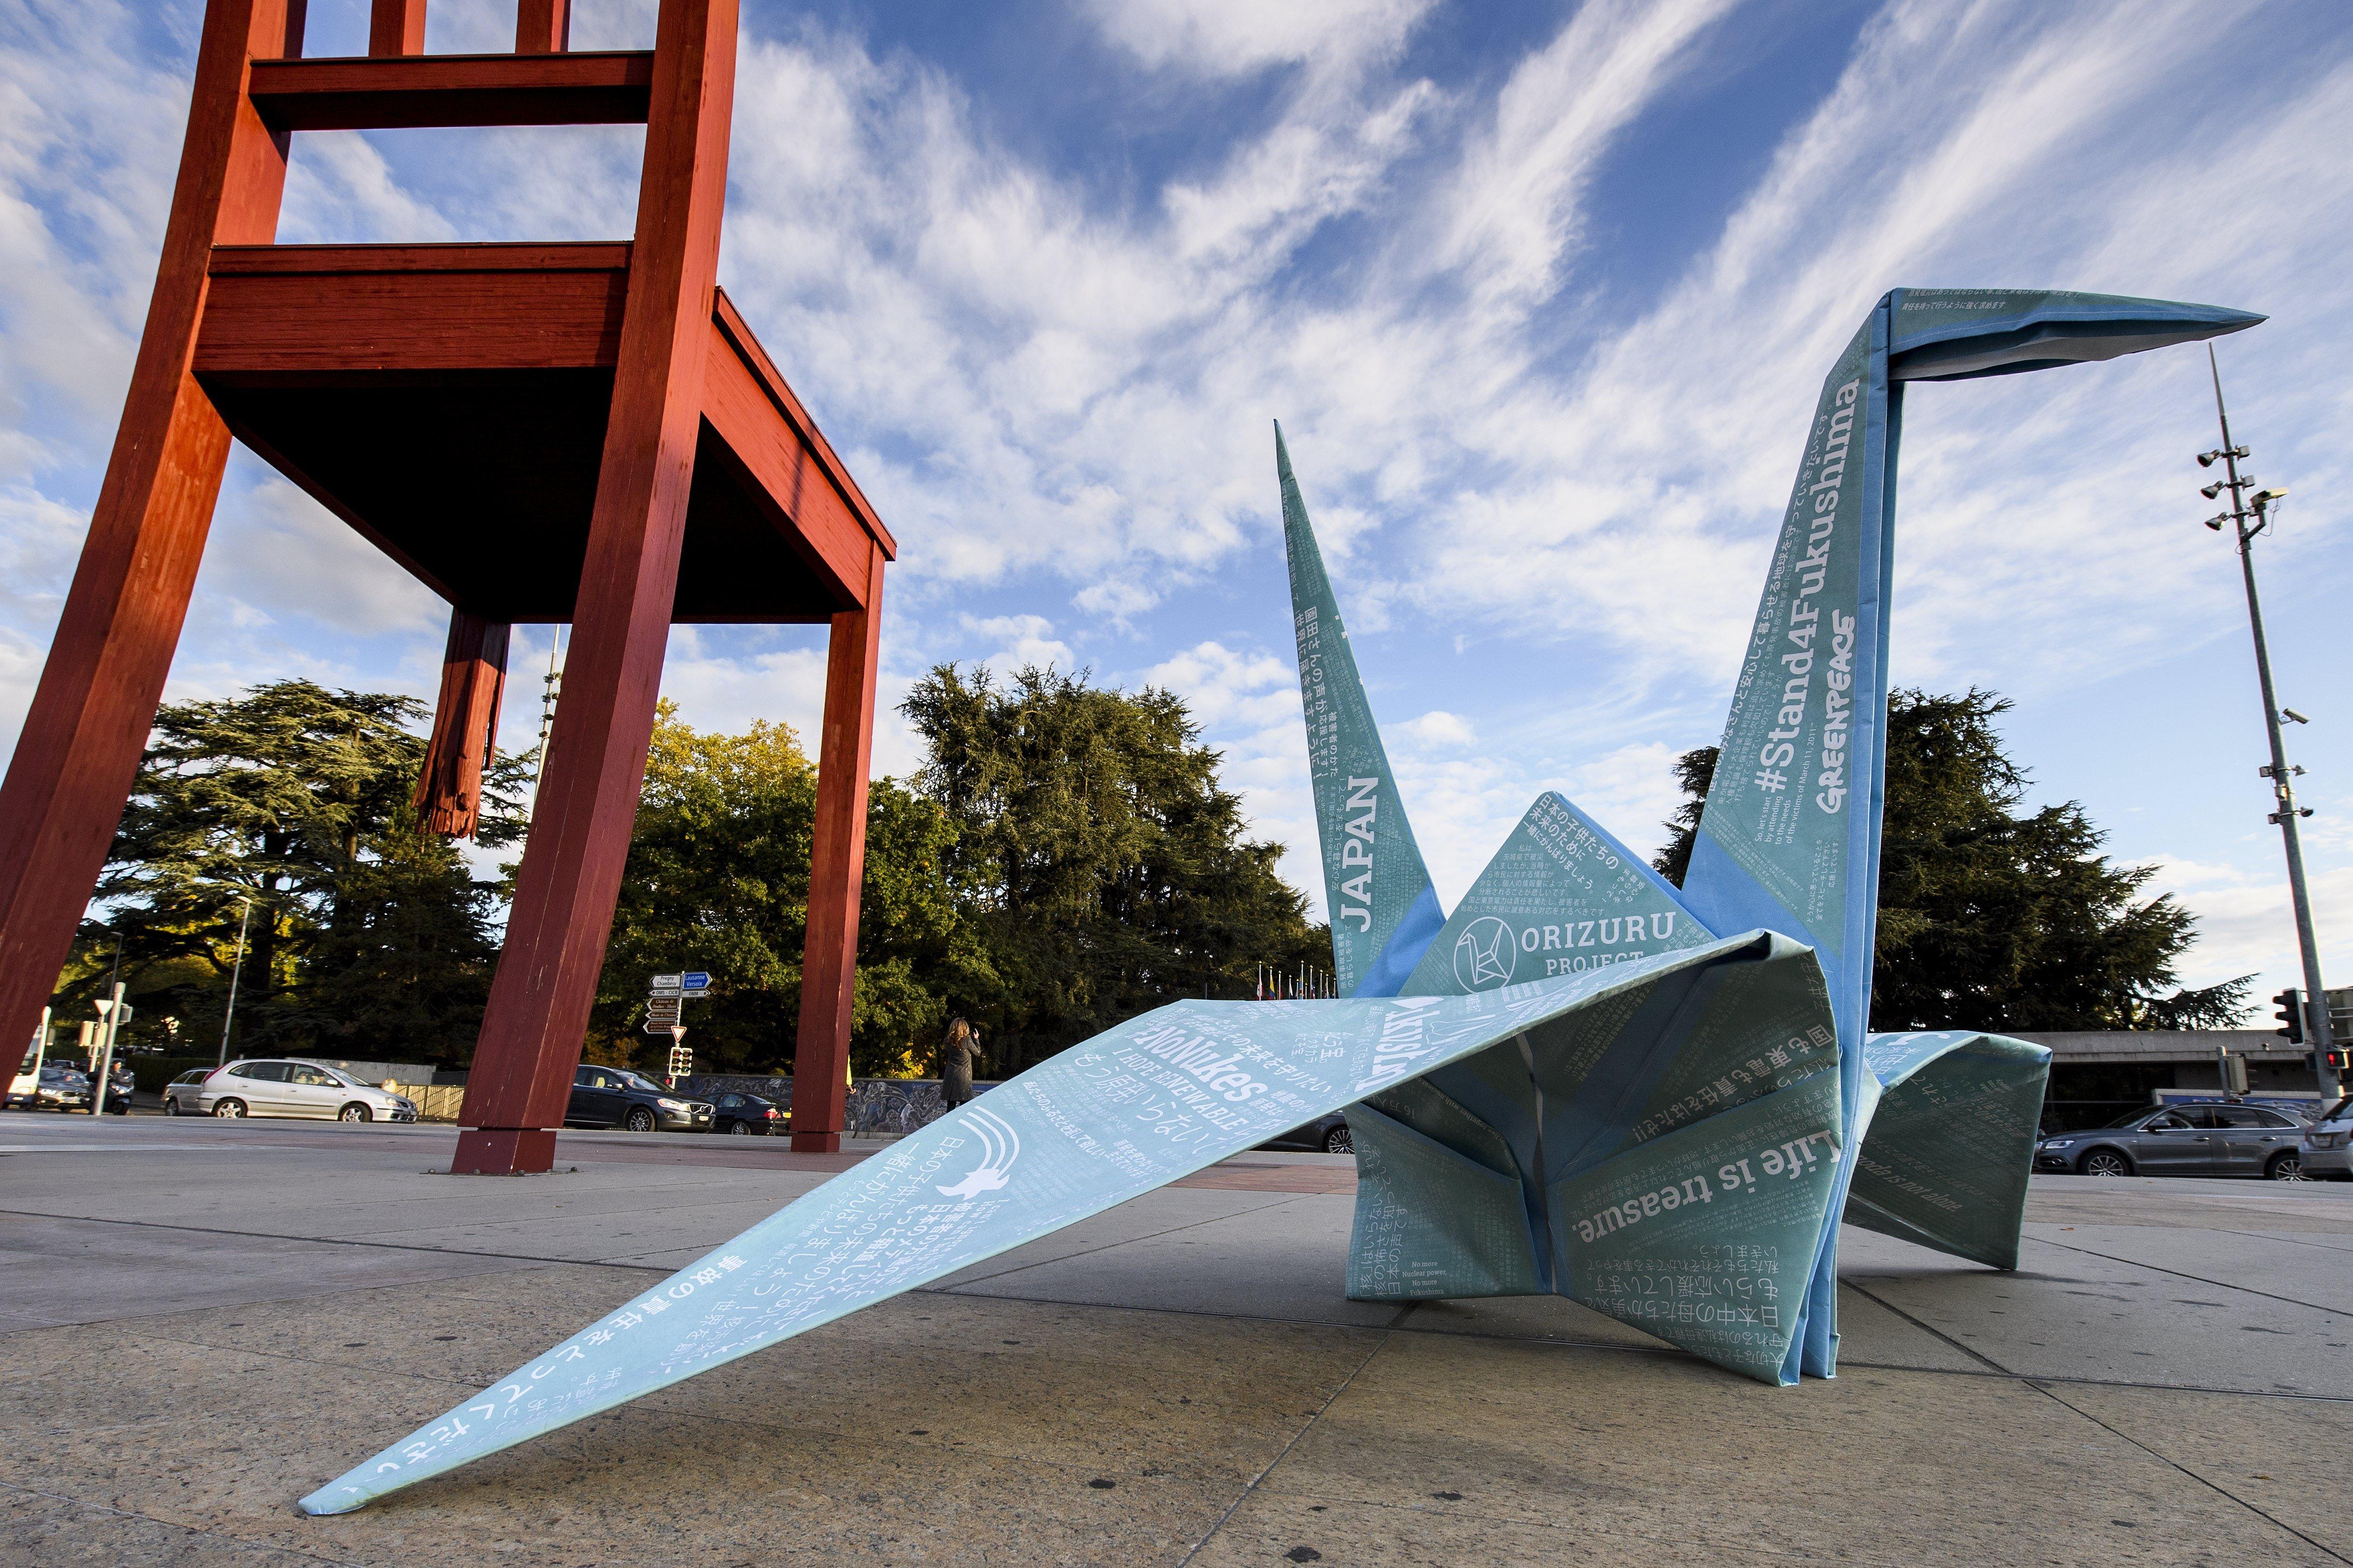 Vista d'una figura d'origami obra de Greenpeace enfront de la seu europea de l'ONU en Ginebra, Suïssa. L'acció intenta exposar la situació de les víctimes del desastre nuclear de Fukushima, especialment de les mares i famílies de la regió, 6 anys després de la pitjor catàstrofe nuclear després de Txernòbil./MARTIAL TREZZINI